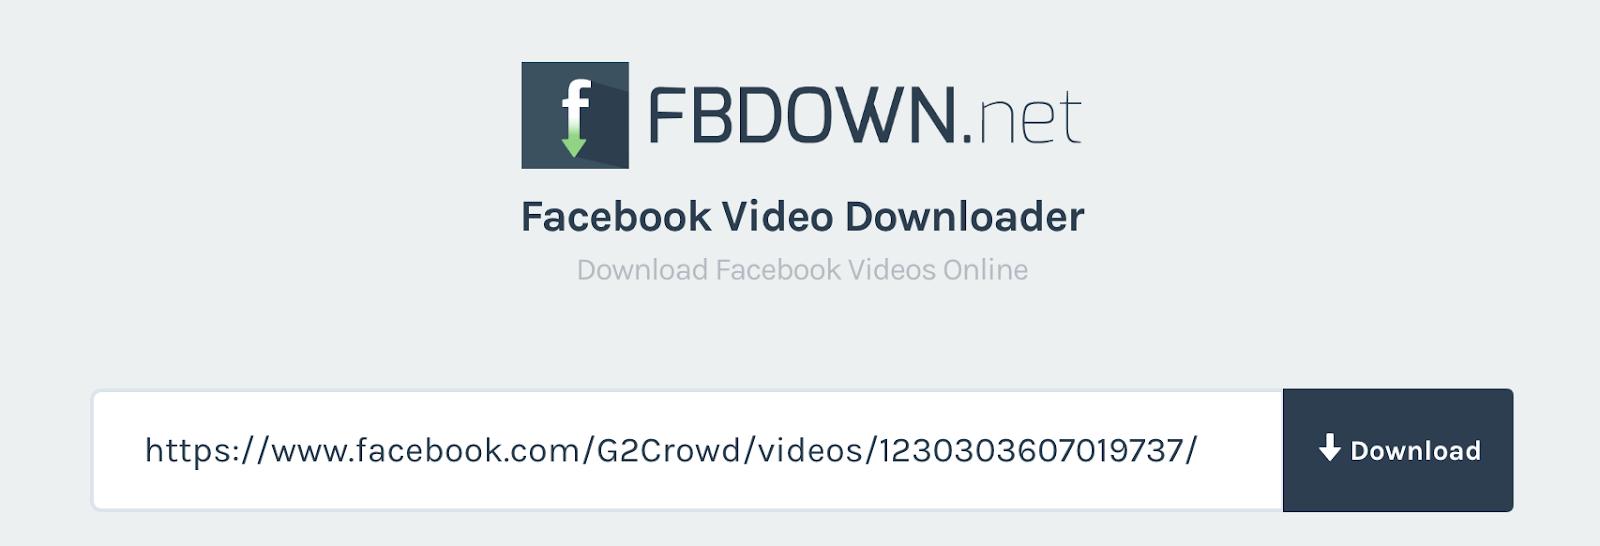 تحميل مقطع فيديو من الفيسبوك